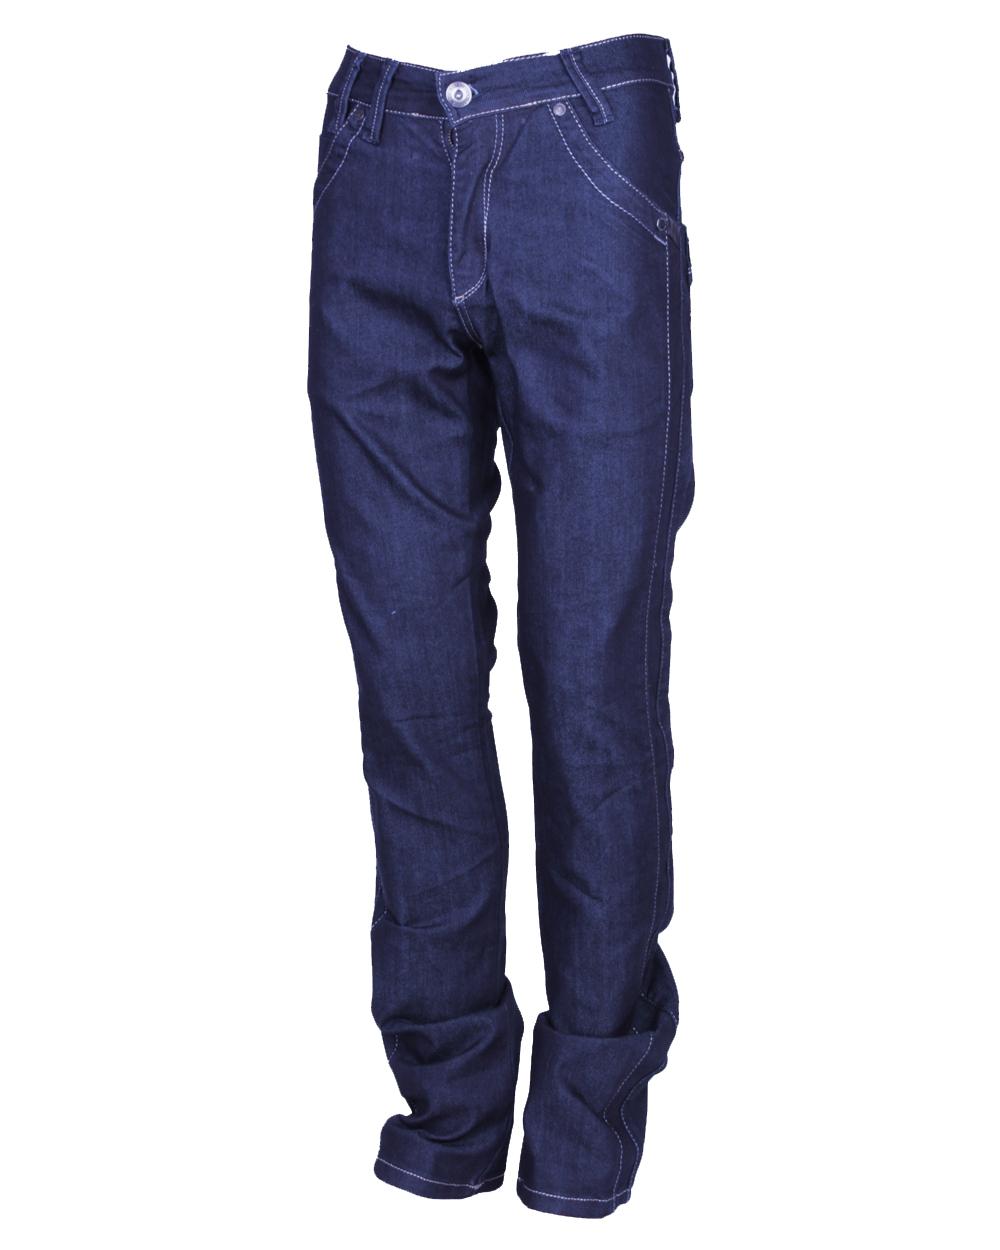 Утепленные мужские джинсы в розницу в москве выбор всемирно